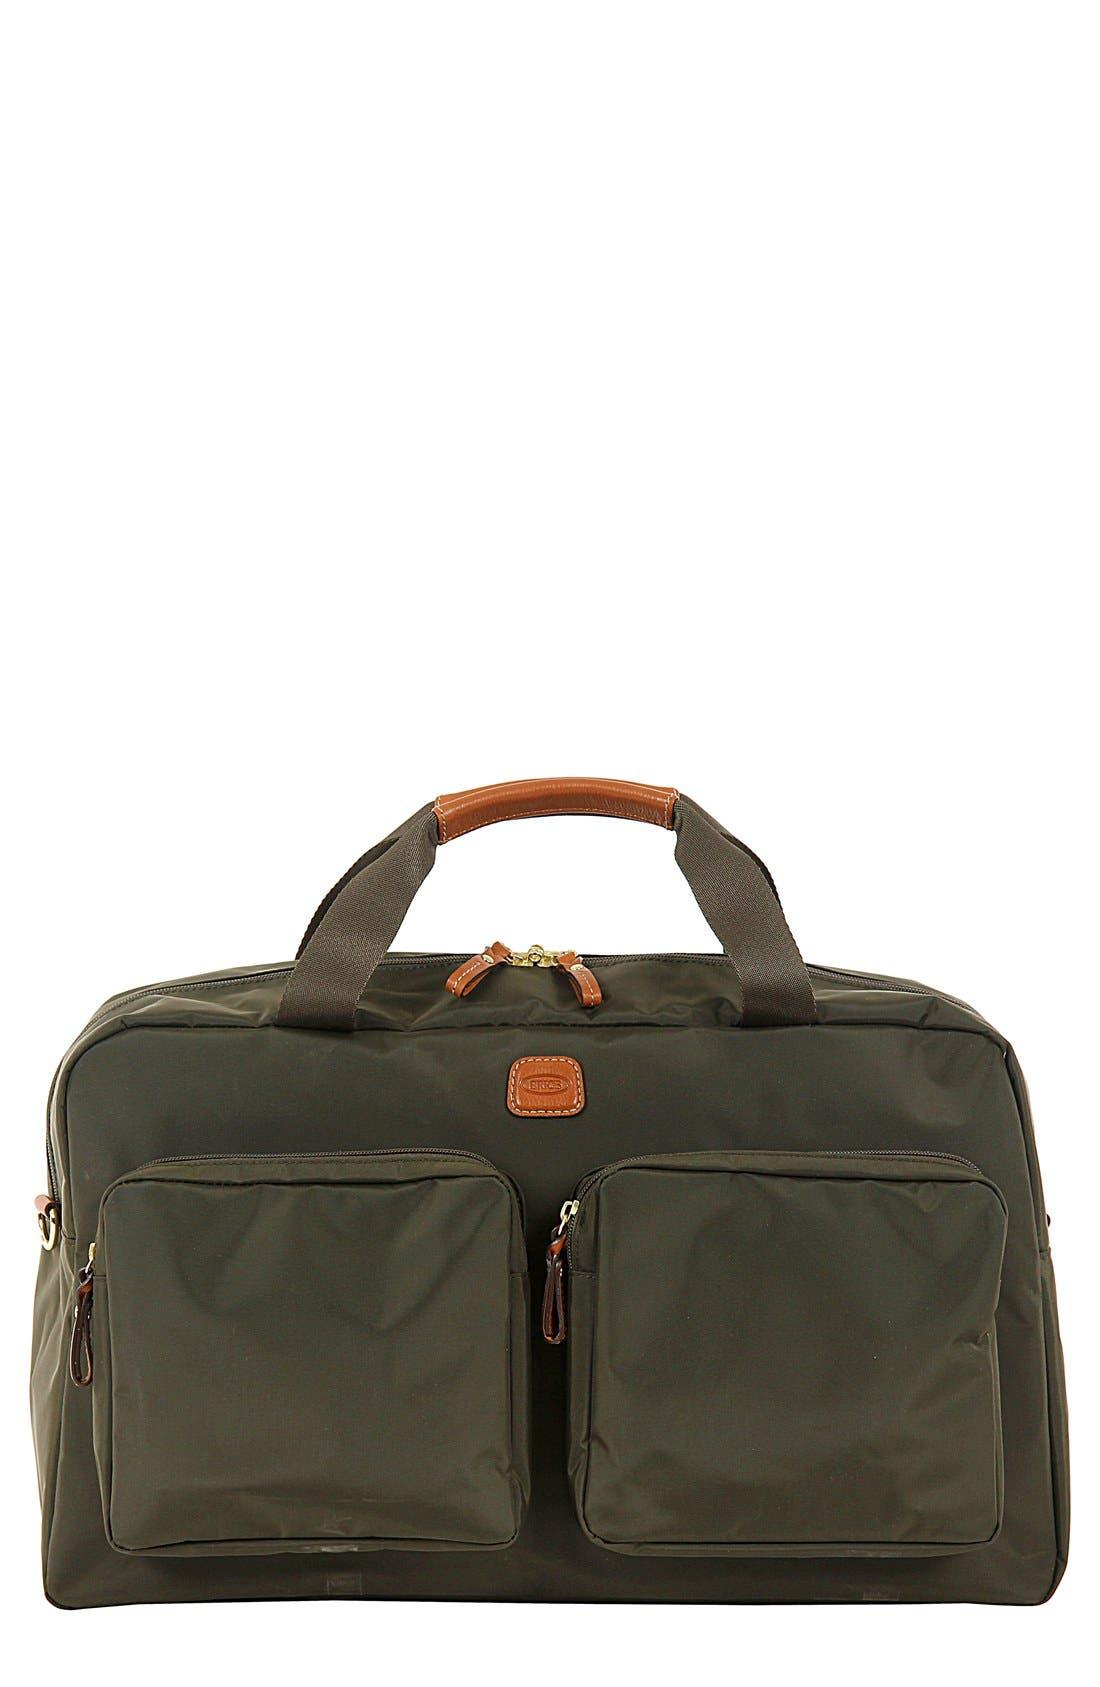 Main Image - Bric's 'X-Bag Boarding' Duffel Bag